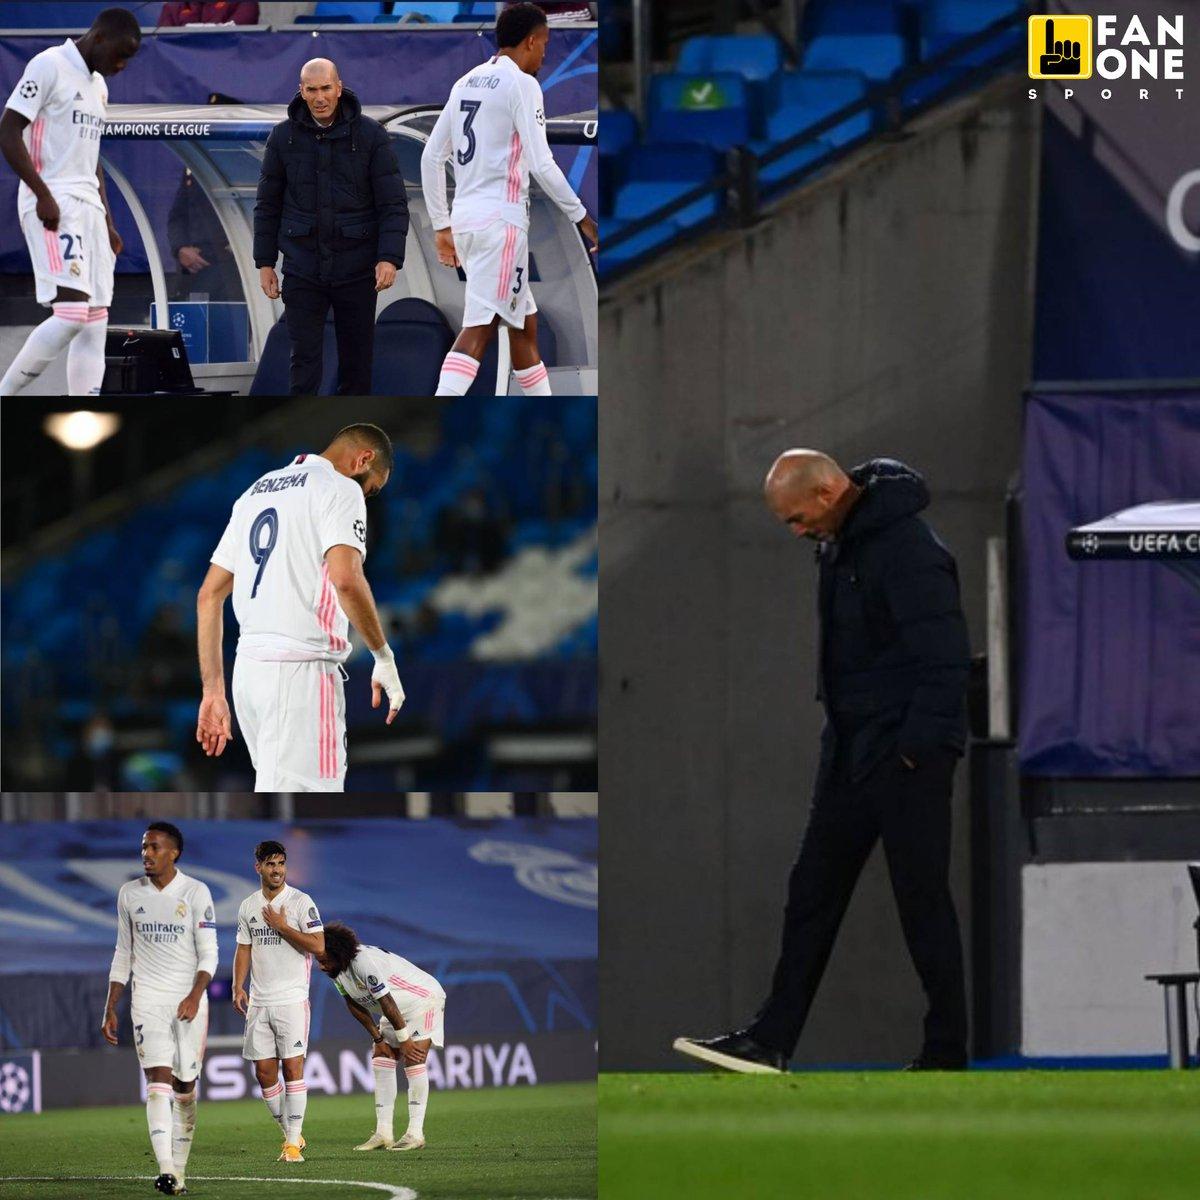 SEMANA COMPLICADA ❌ . 🚫 El Real Madrid cayó como local por 3-2 ante el Shakhtar Donetsk. . ➡️ Los dirigidos por Zidane sumaron su segunda derrota consecutiva, anotaron 2 goles y recibieron 4 en tan solo 5 días: . ❌ 0-1 vs. Cádiz (17/10) ❌ 2-3 vs. Shakhtar Donetsk (21/10) https://t.co/cWDU7sDwAq